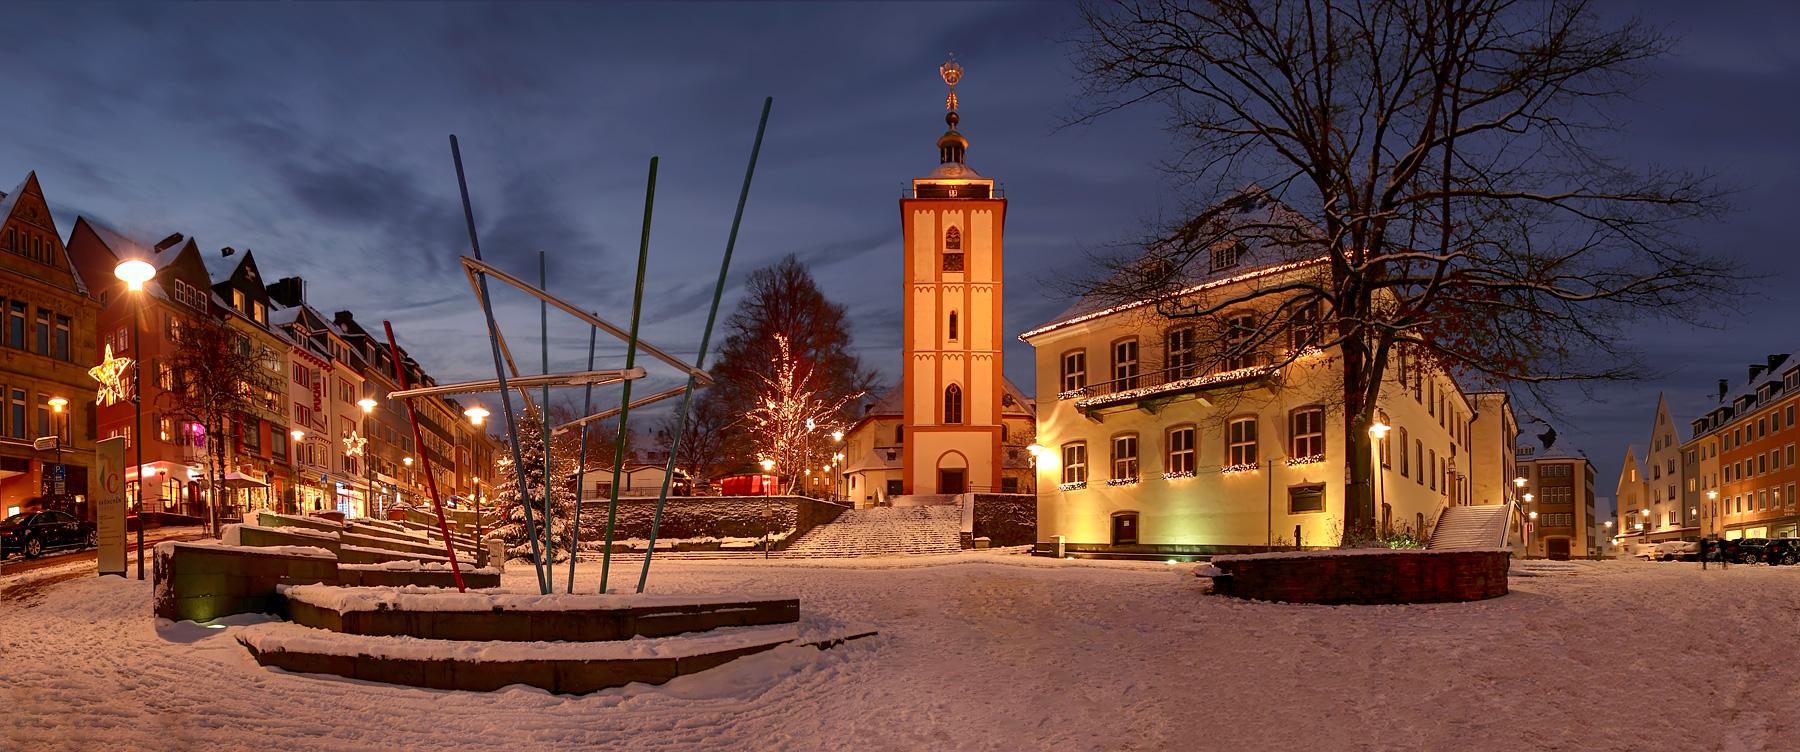 Siegen zur weihnachtszeit foto bild weihnachten architektur versteckt bilder auf fotocommunity - Architektur siegen ...